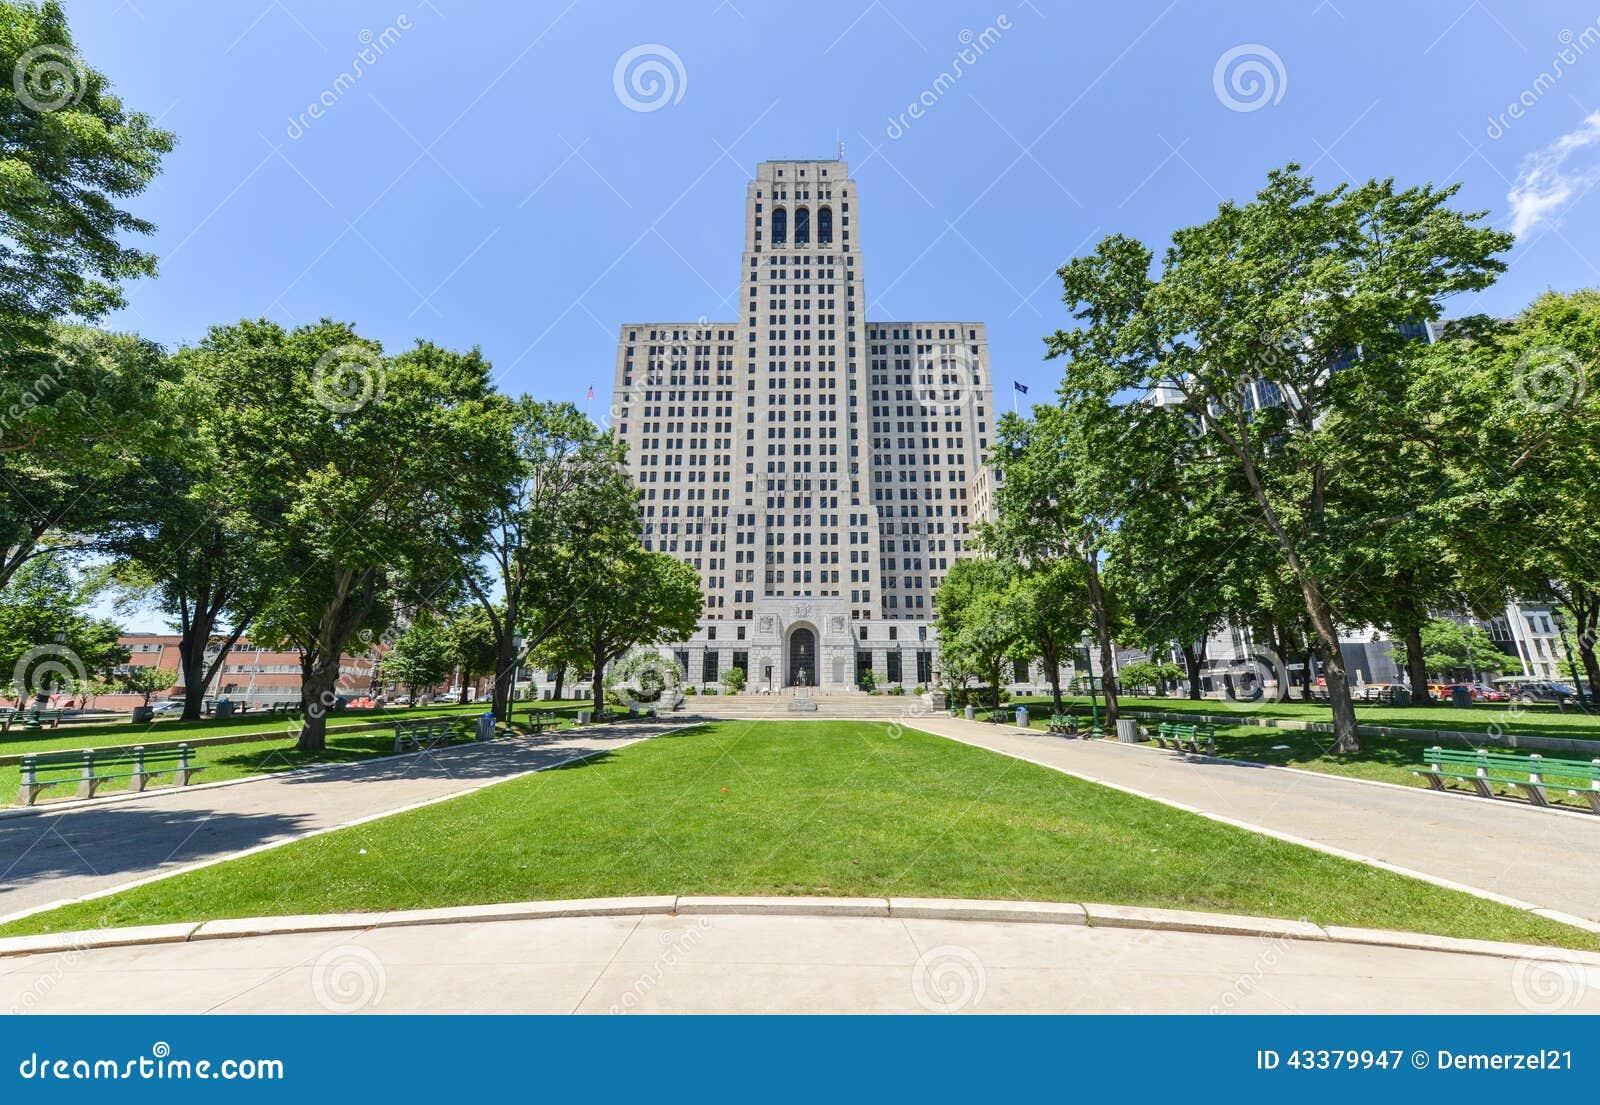 Alfried E Smith Building, Albany, NY